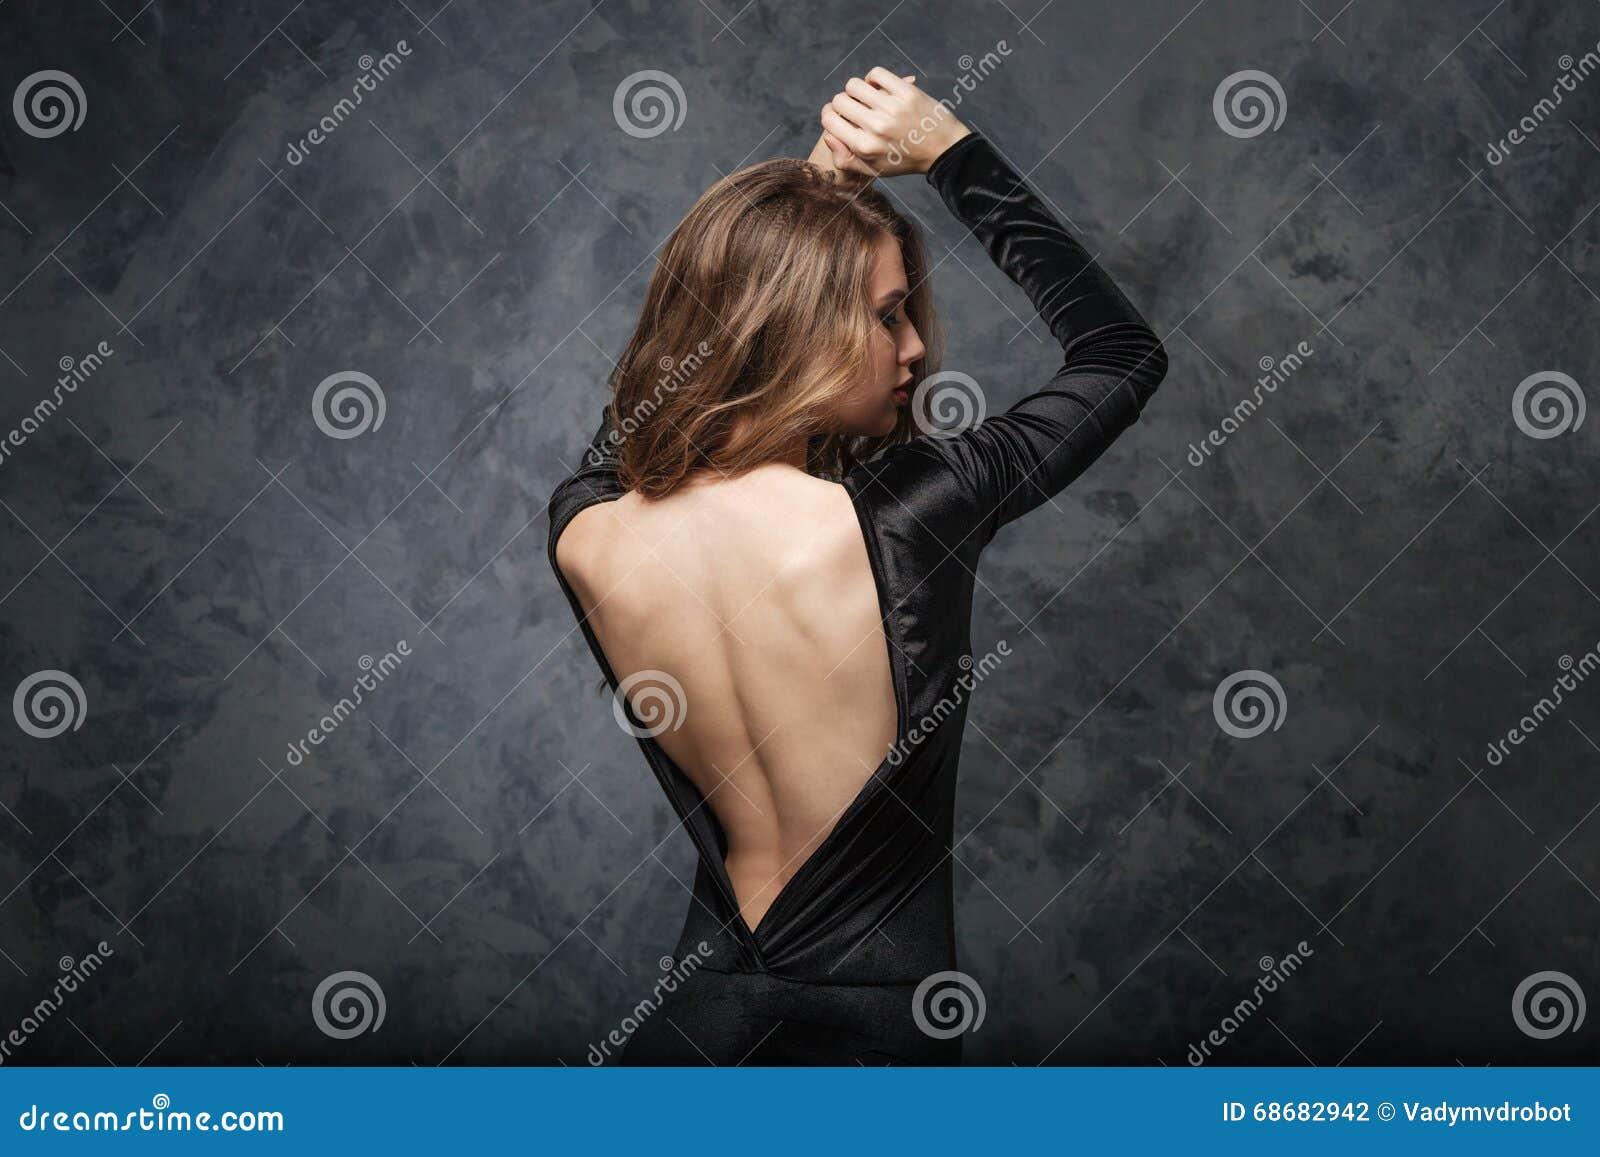 Фото девушка в сером платье со спины